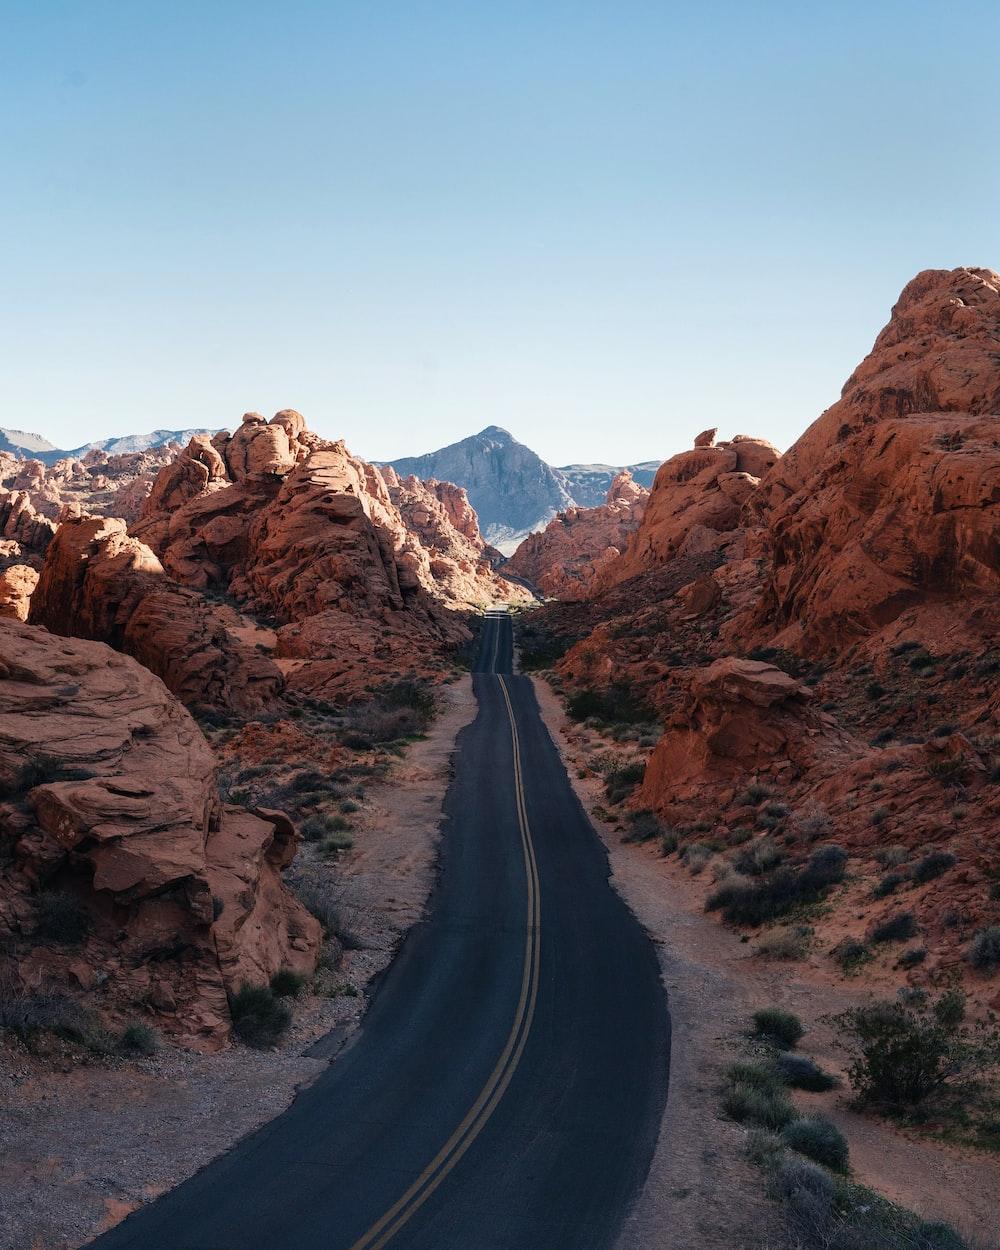 asphalt road between rocks